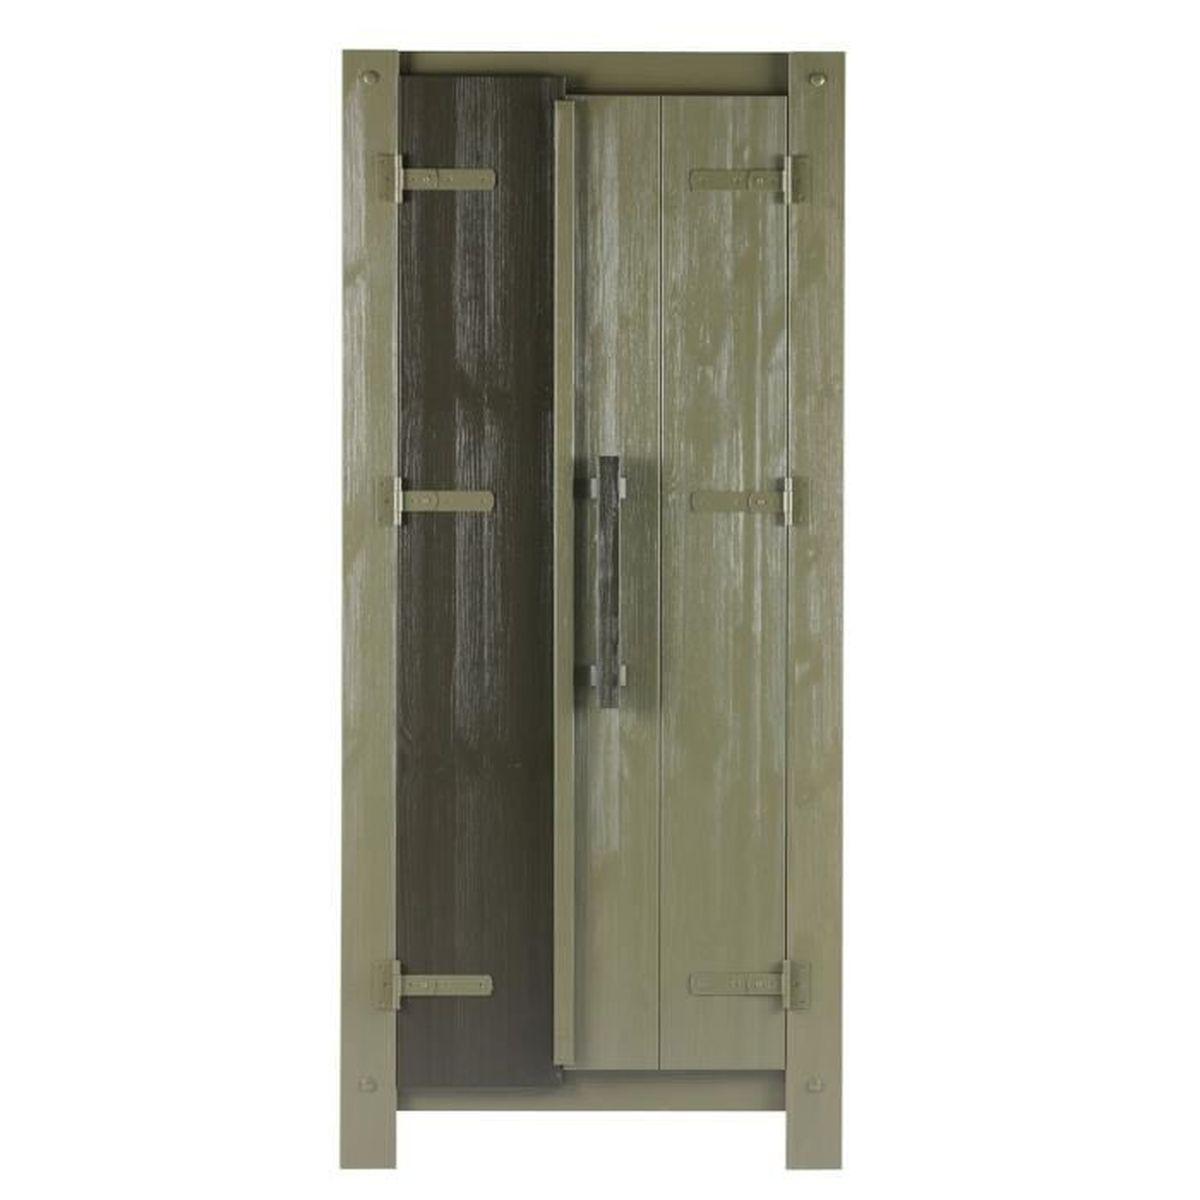 armoire enfant avec 2 portes, en pin massif brossé - dim : h 178 x l